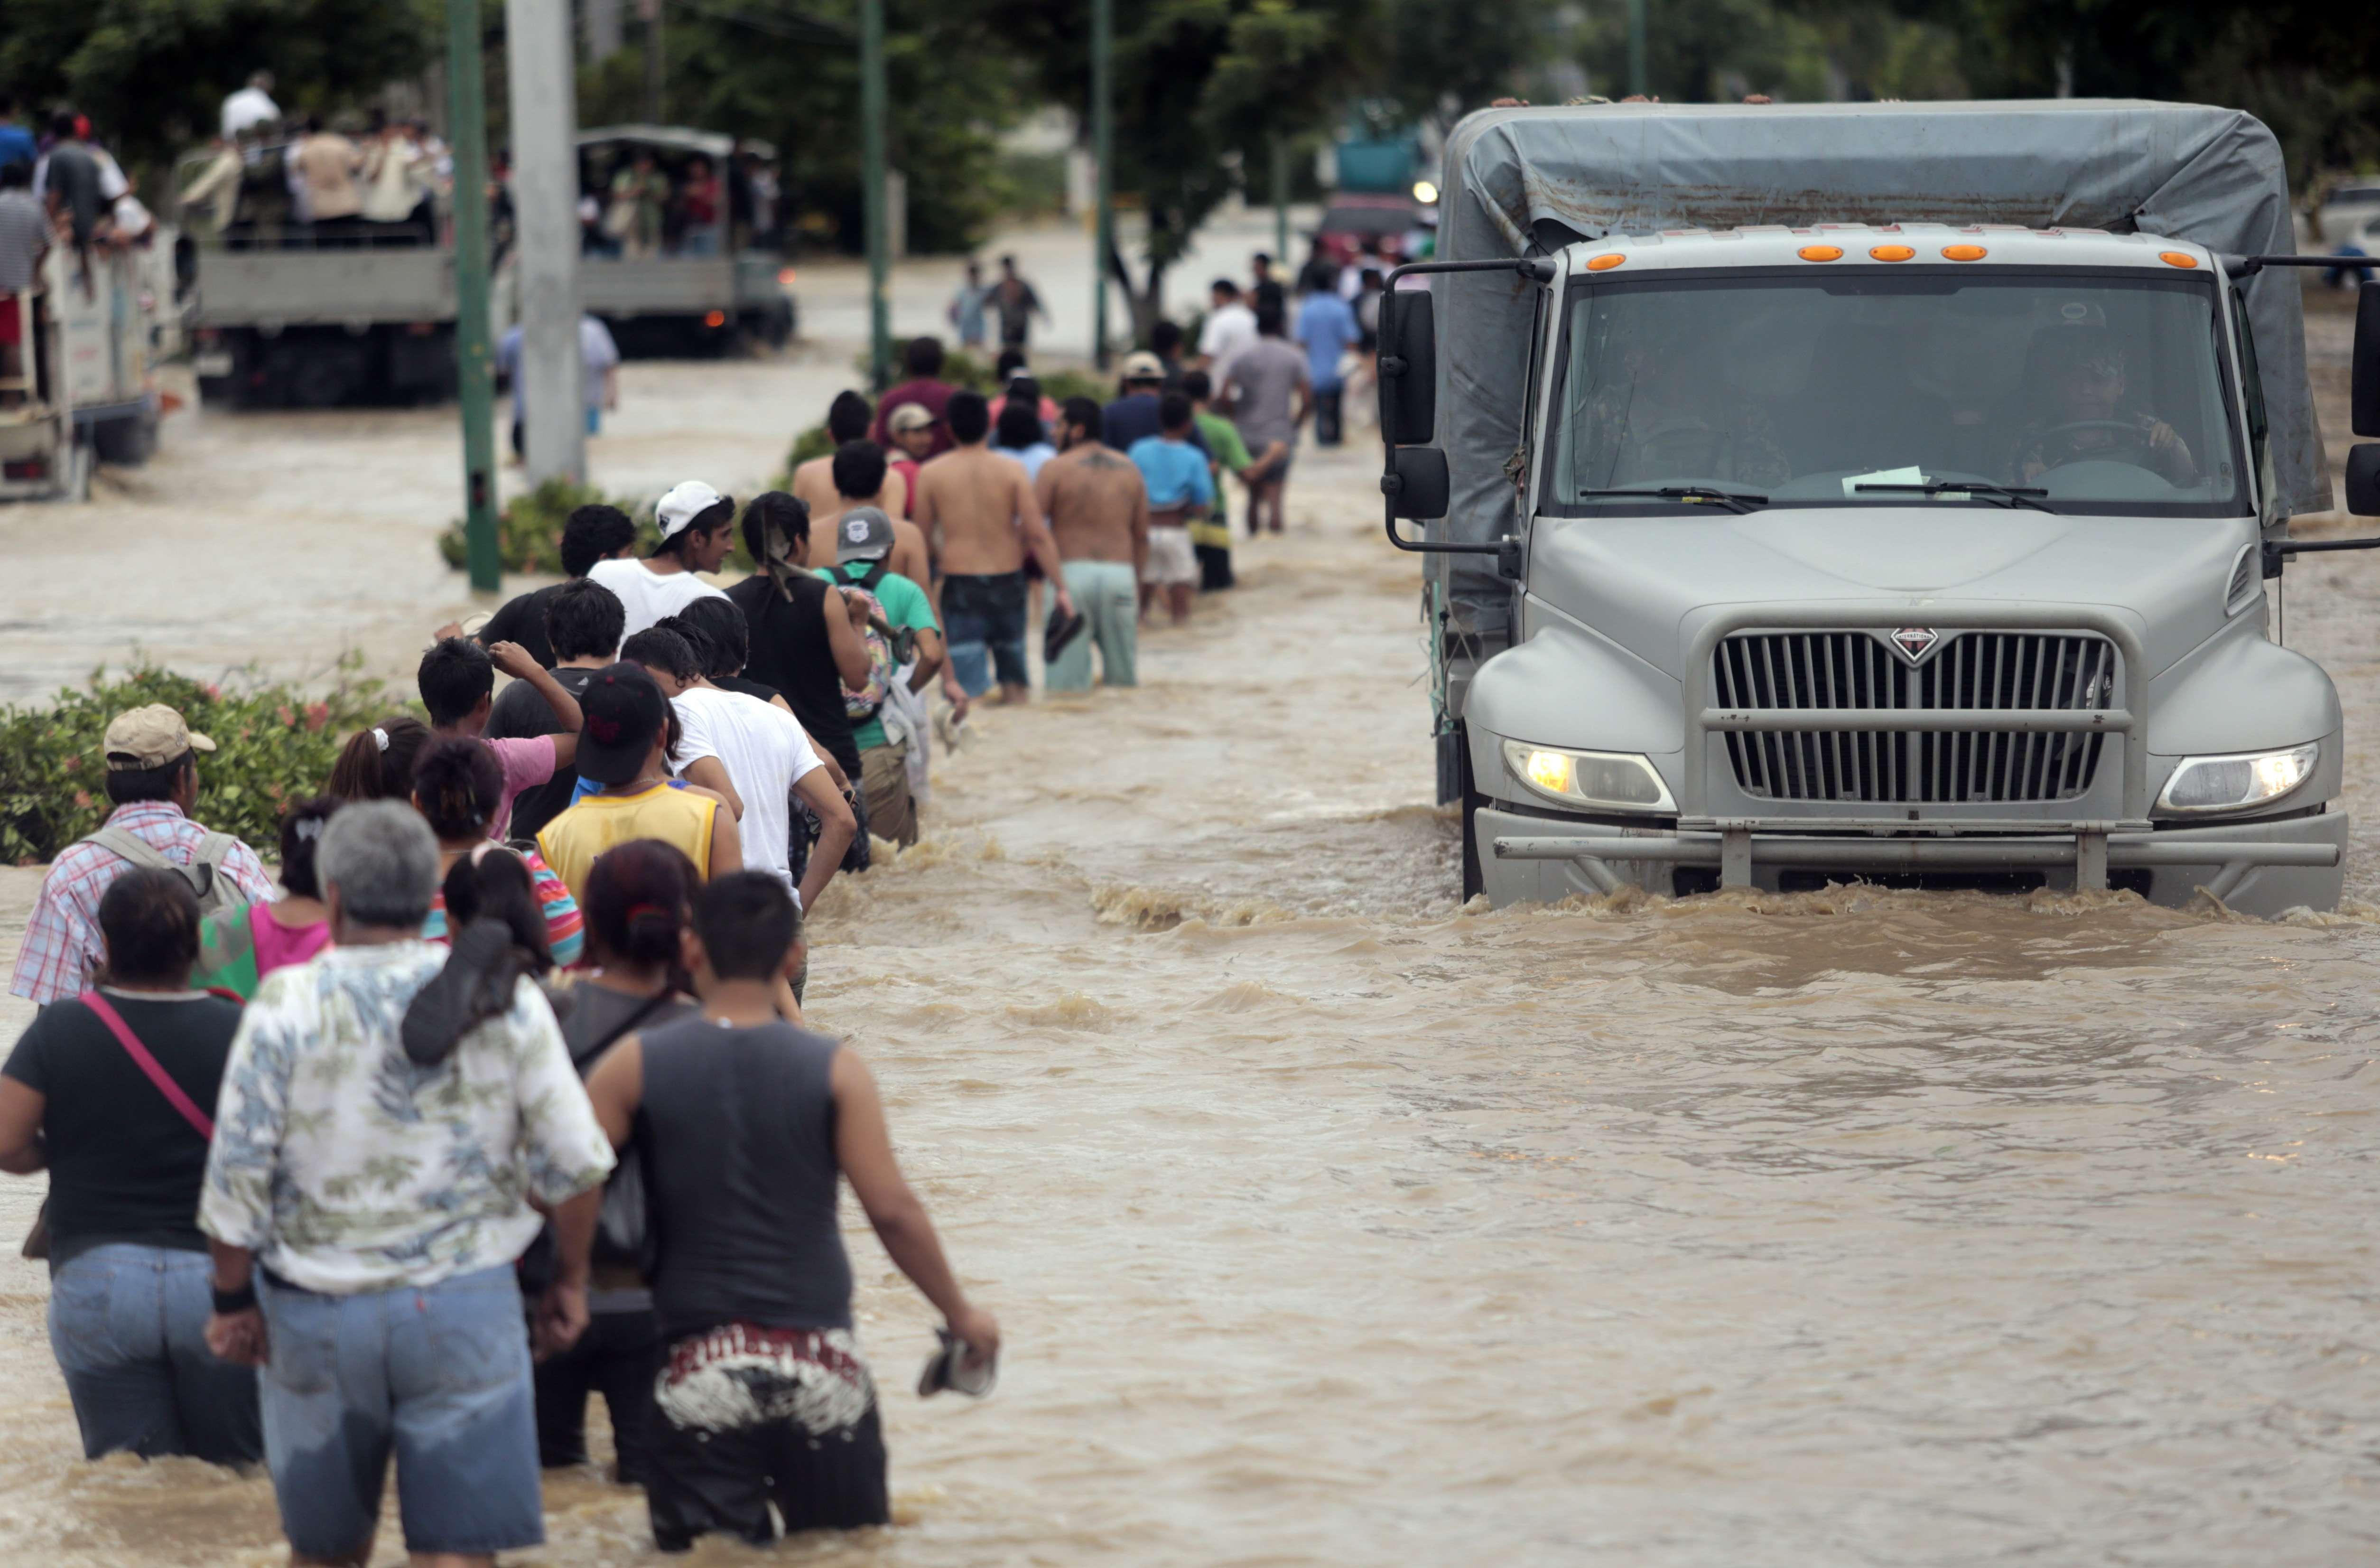 Además de los 18 muertos, los habitantes de Acapulco continúan resintiendo los estragos de las lluvias provocadas por el huracán Manuel; 20 desprendimientos o bloqueos en la autopista Acapulco-México, falta de víveres, viviendas y actos de rapiña. Pese a esto los acapulqueños siguen luchando por sobrevivir. Foto: AFP en español